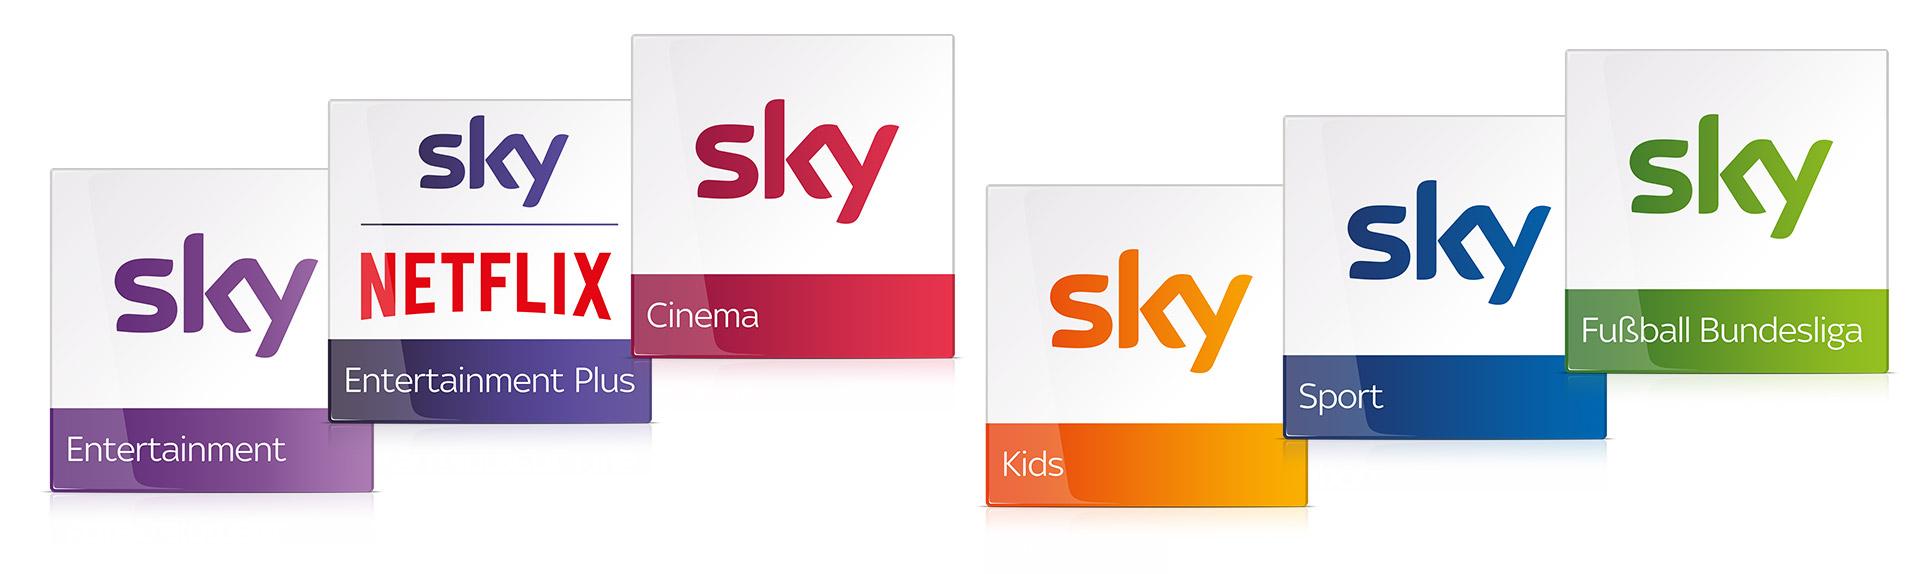 Sky Pakete - Schema Zusammenstellung des Sky Programms